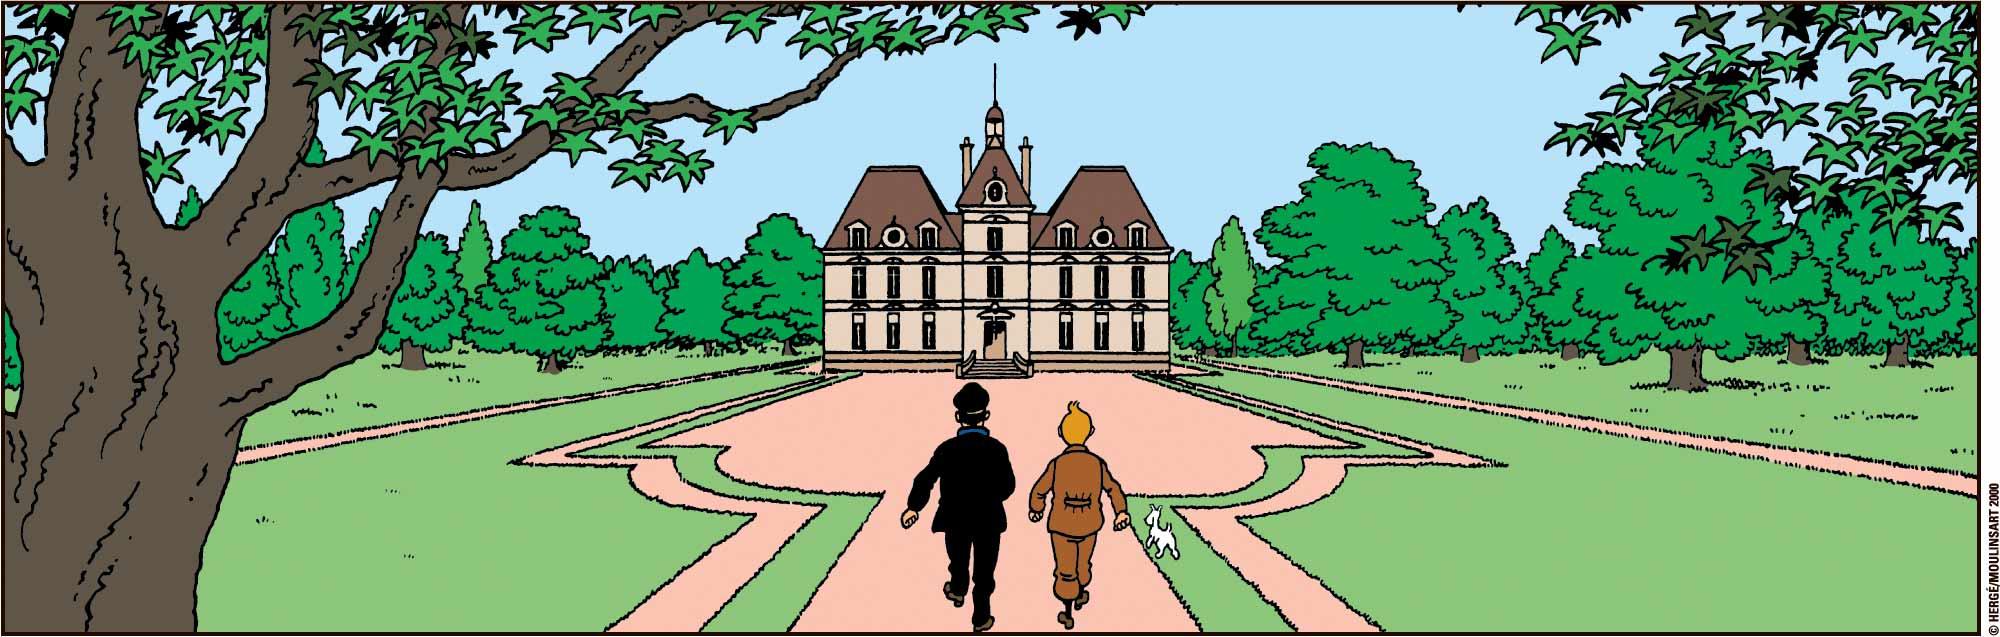 Le Chateau de Moulinsart - Le Trésor de Rackham le Rouge - Résidence du capitaine Haddock